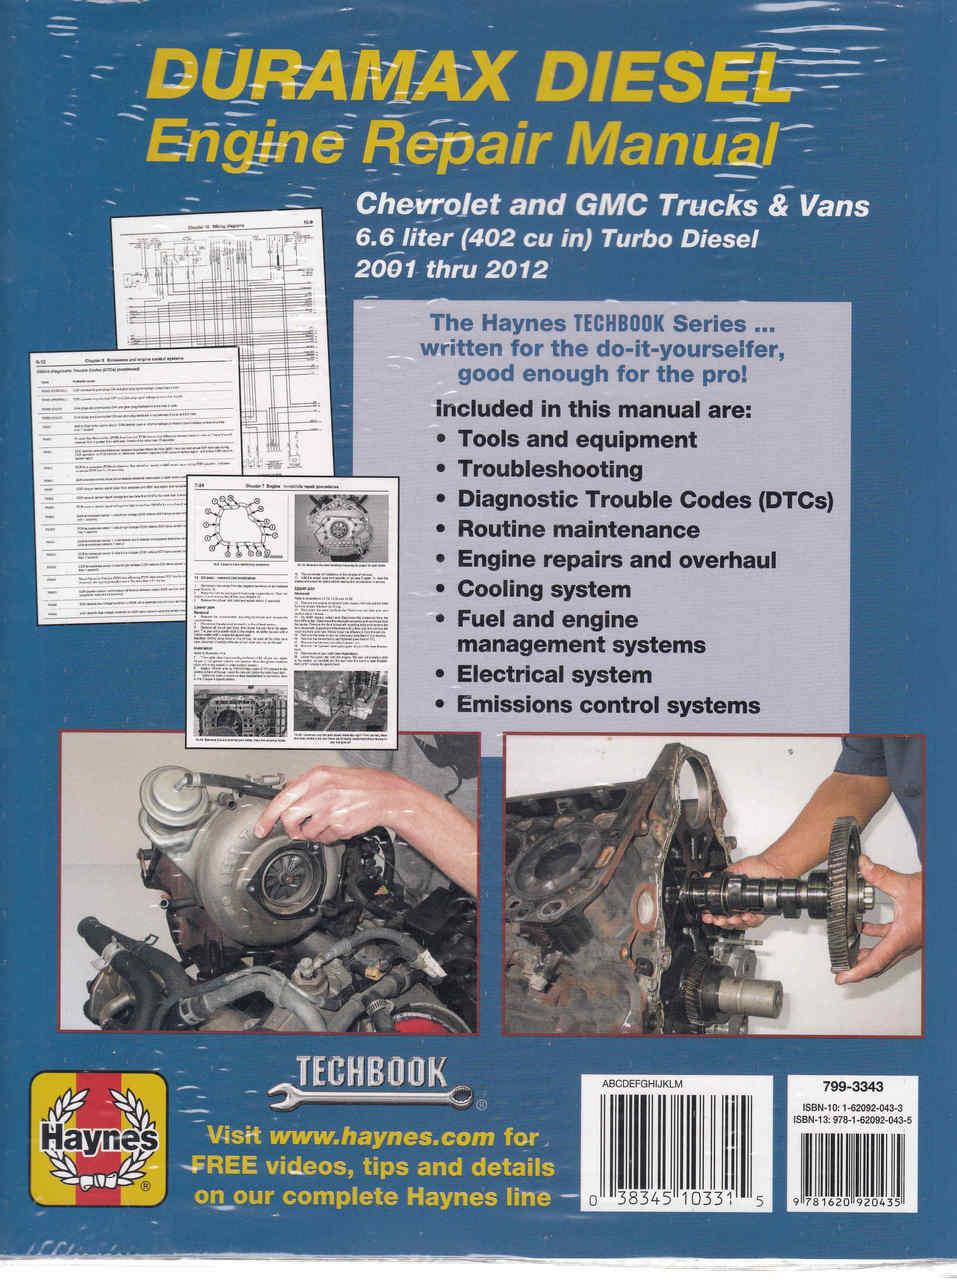 ... Duramax Diesel Engine Repair Manual (Techbook Series) (9781620920435)